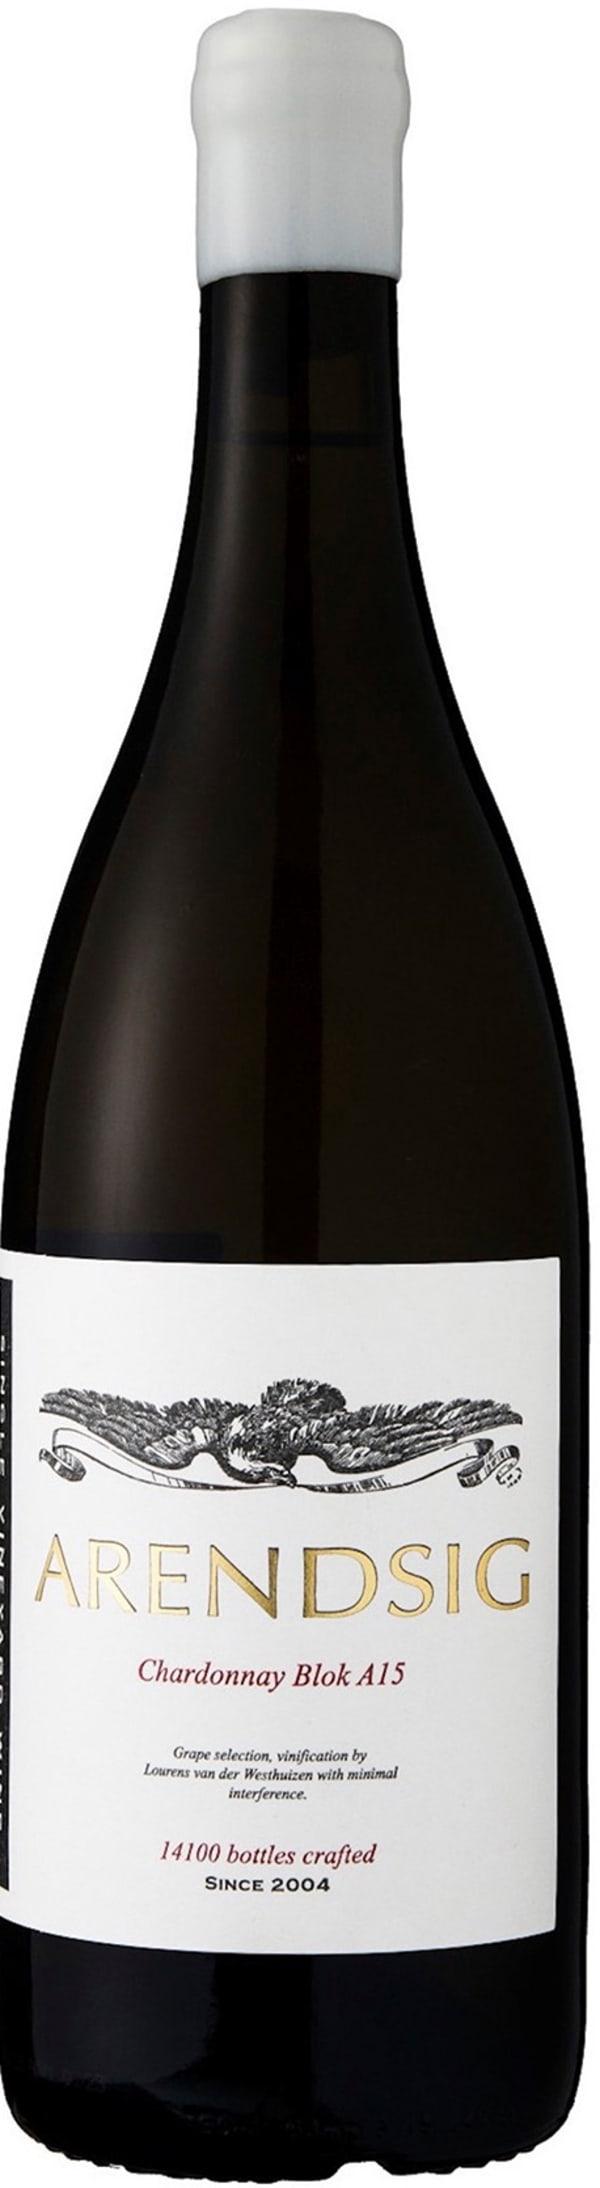 Arendsig Chardonnay Blok A15 2017